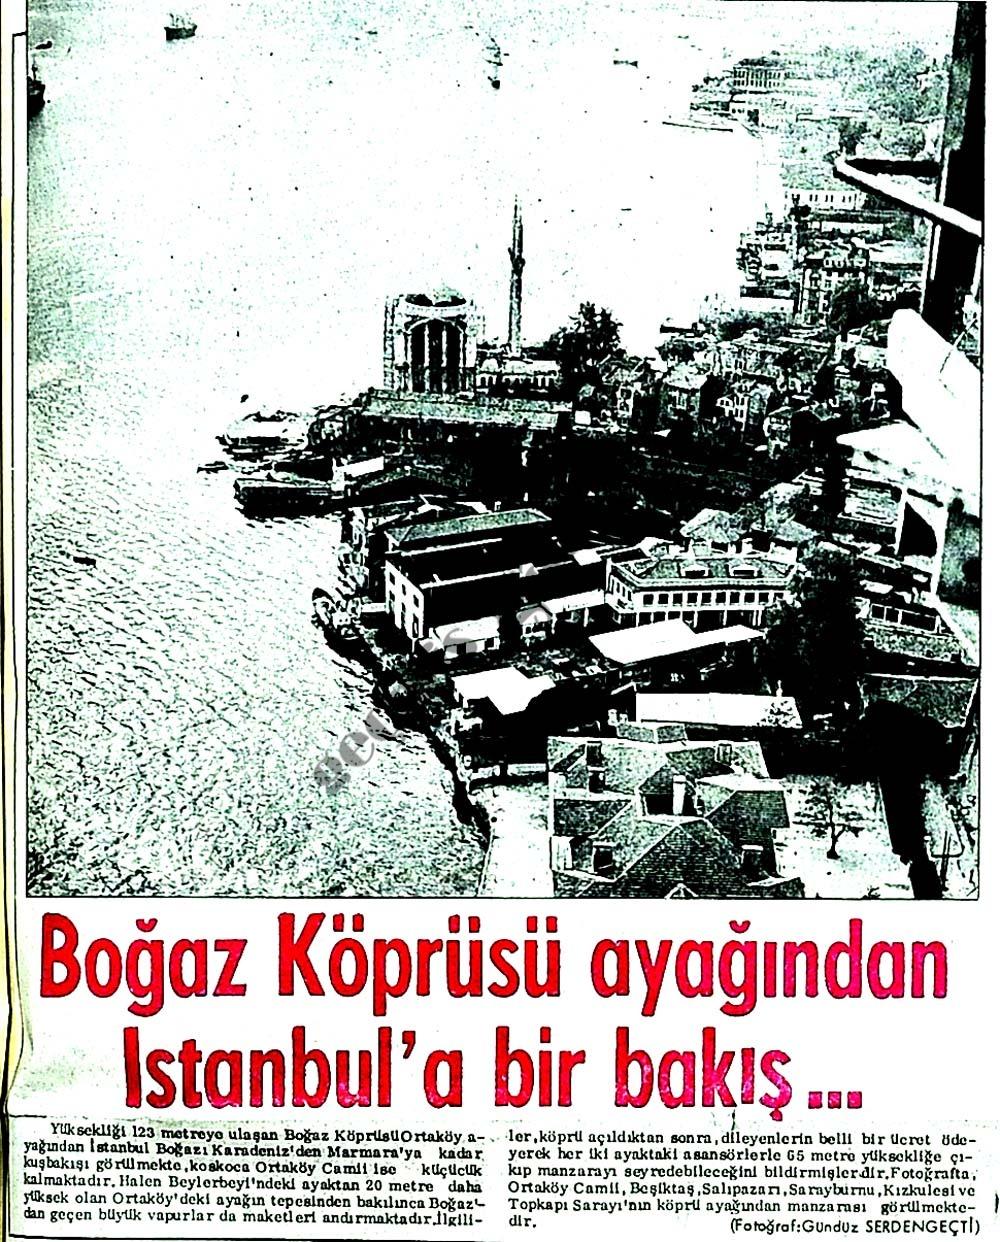 Boğaz Köprüsü ayağından İstanbul'a bir bakış